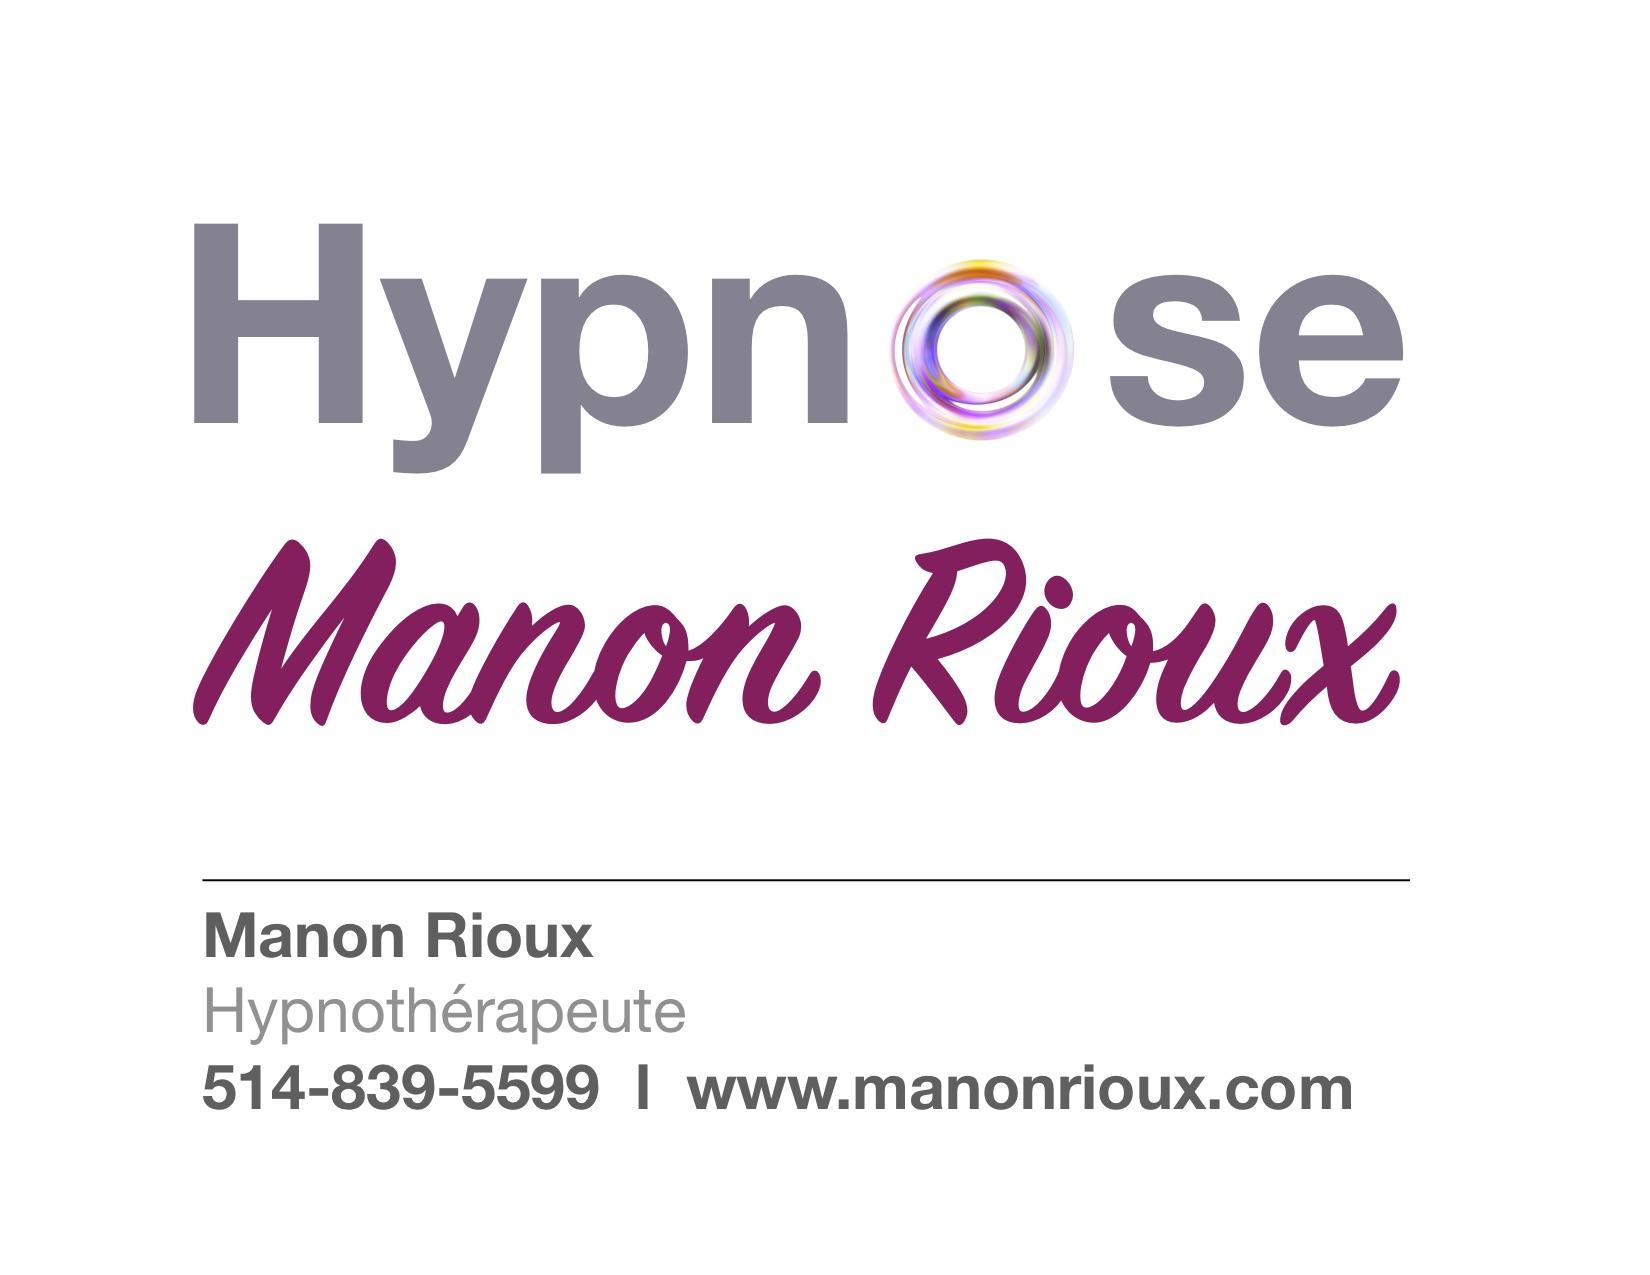 Hypnose Manon Rioux